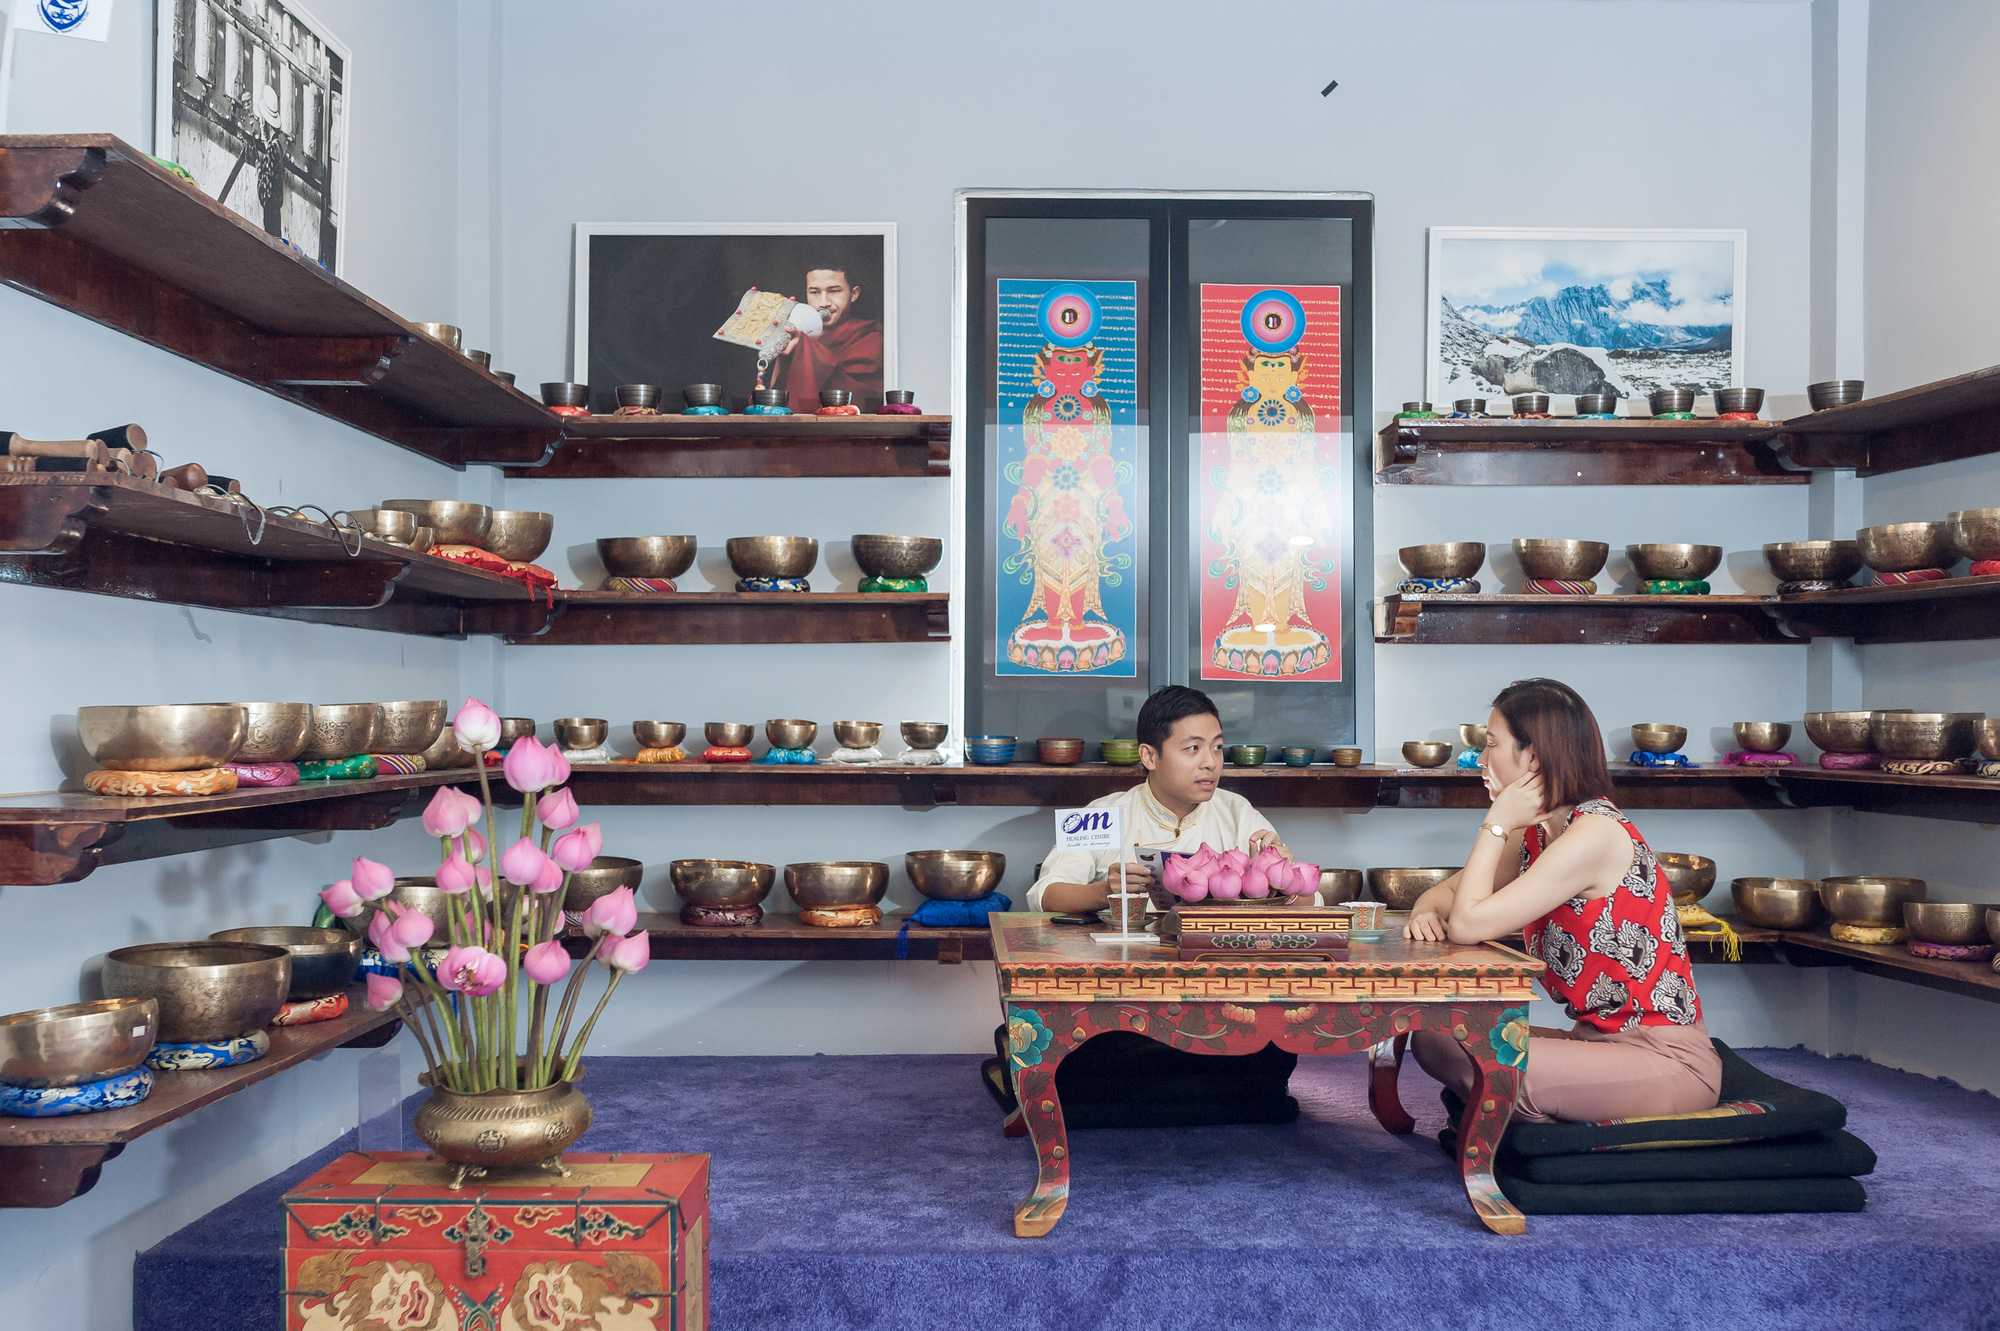 """Nguyễn Mạnh Duy, chủ dự án """"Ngôi nhà văn hoá Tây Tạng"""": """"Xứ tuyết Himalaya dẫn tôi tìm thấy hạnh phúc"""" - Ảnh 5."""